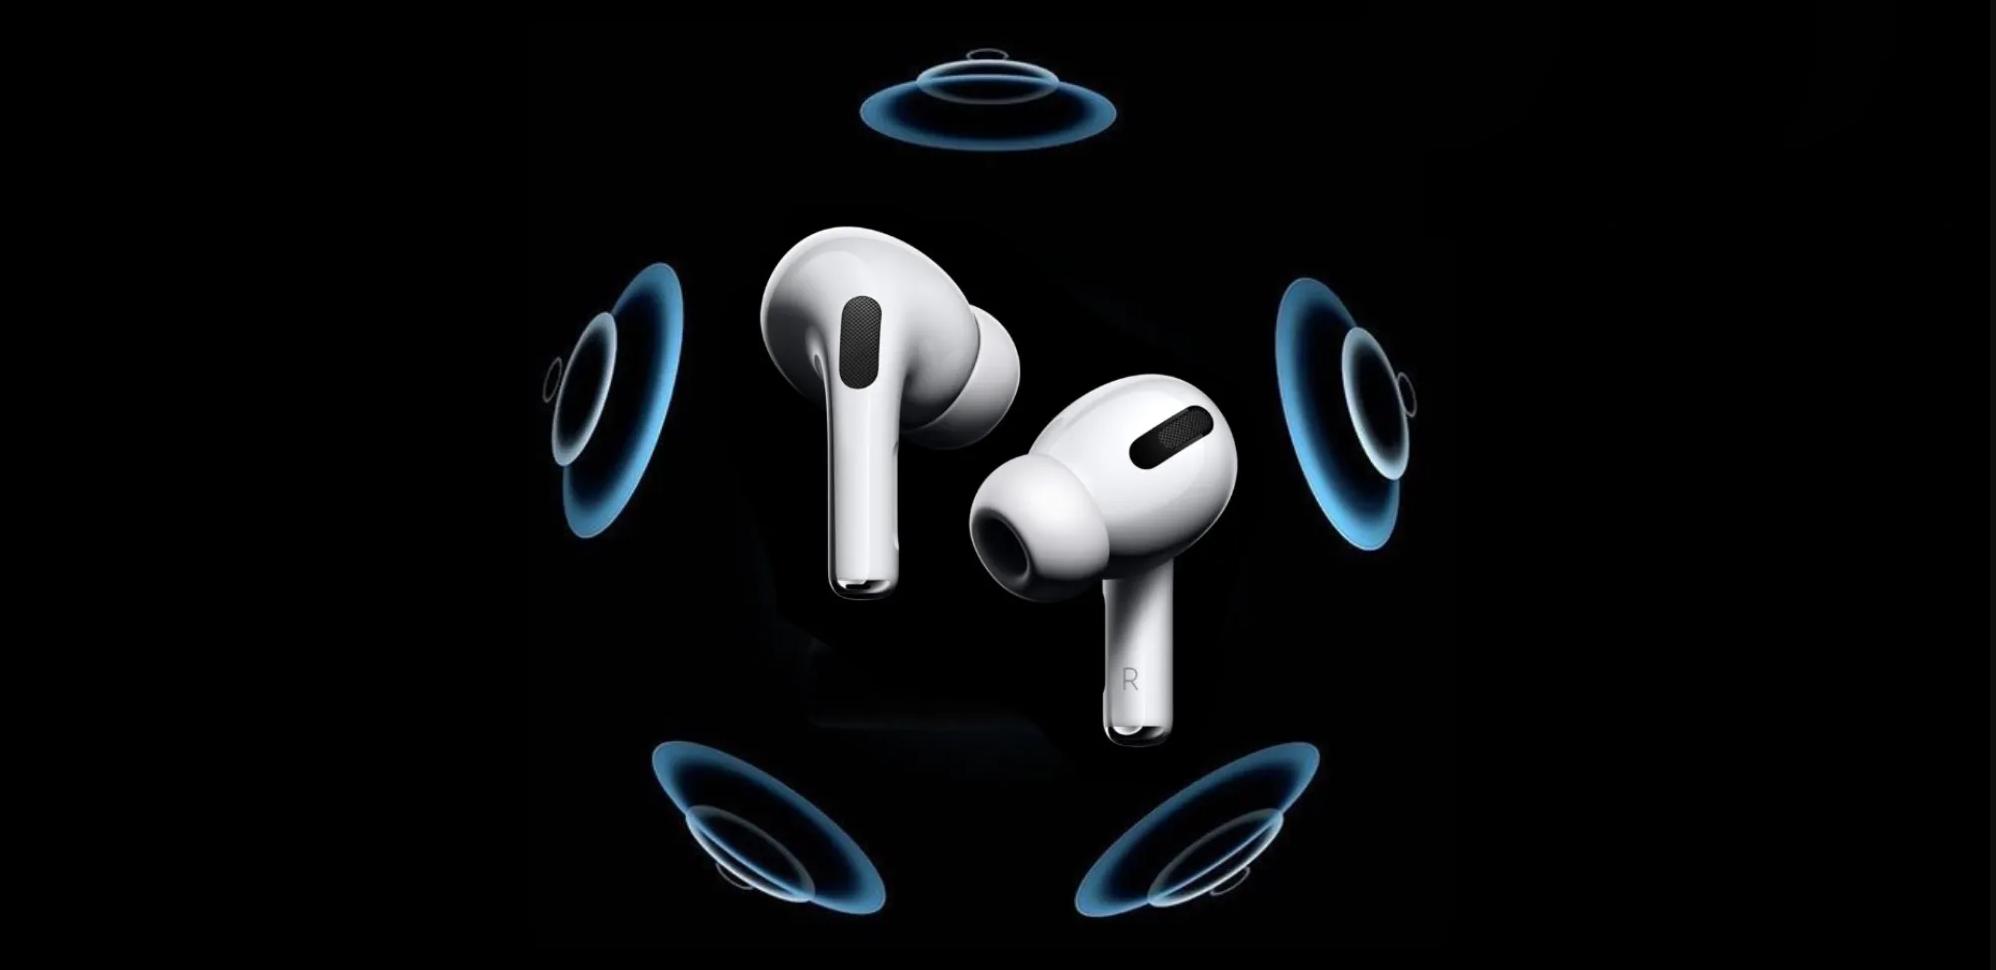 Slik illustrerer Apple romlyd, og da surroundeffekten, for sine AirPods Pro.